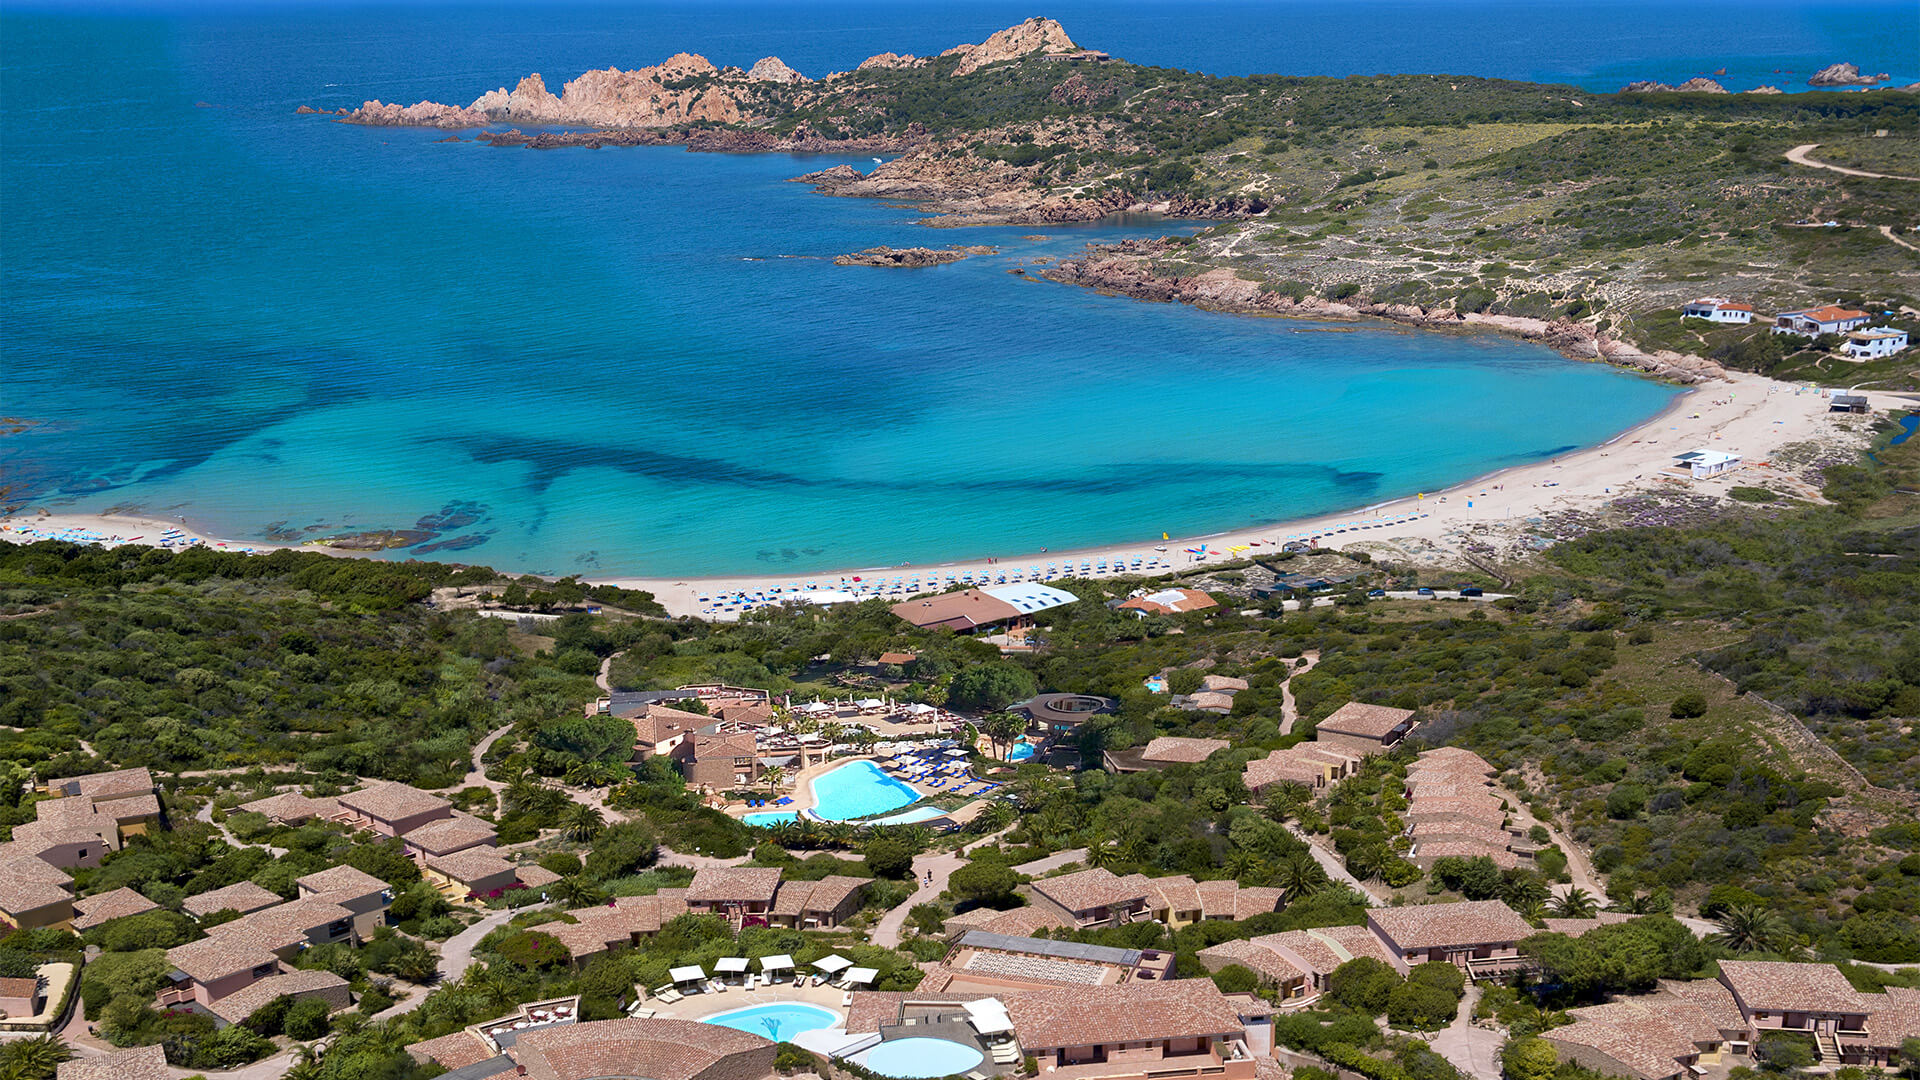 hotel-marinedda-mare-sardegna-isola-rossa